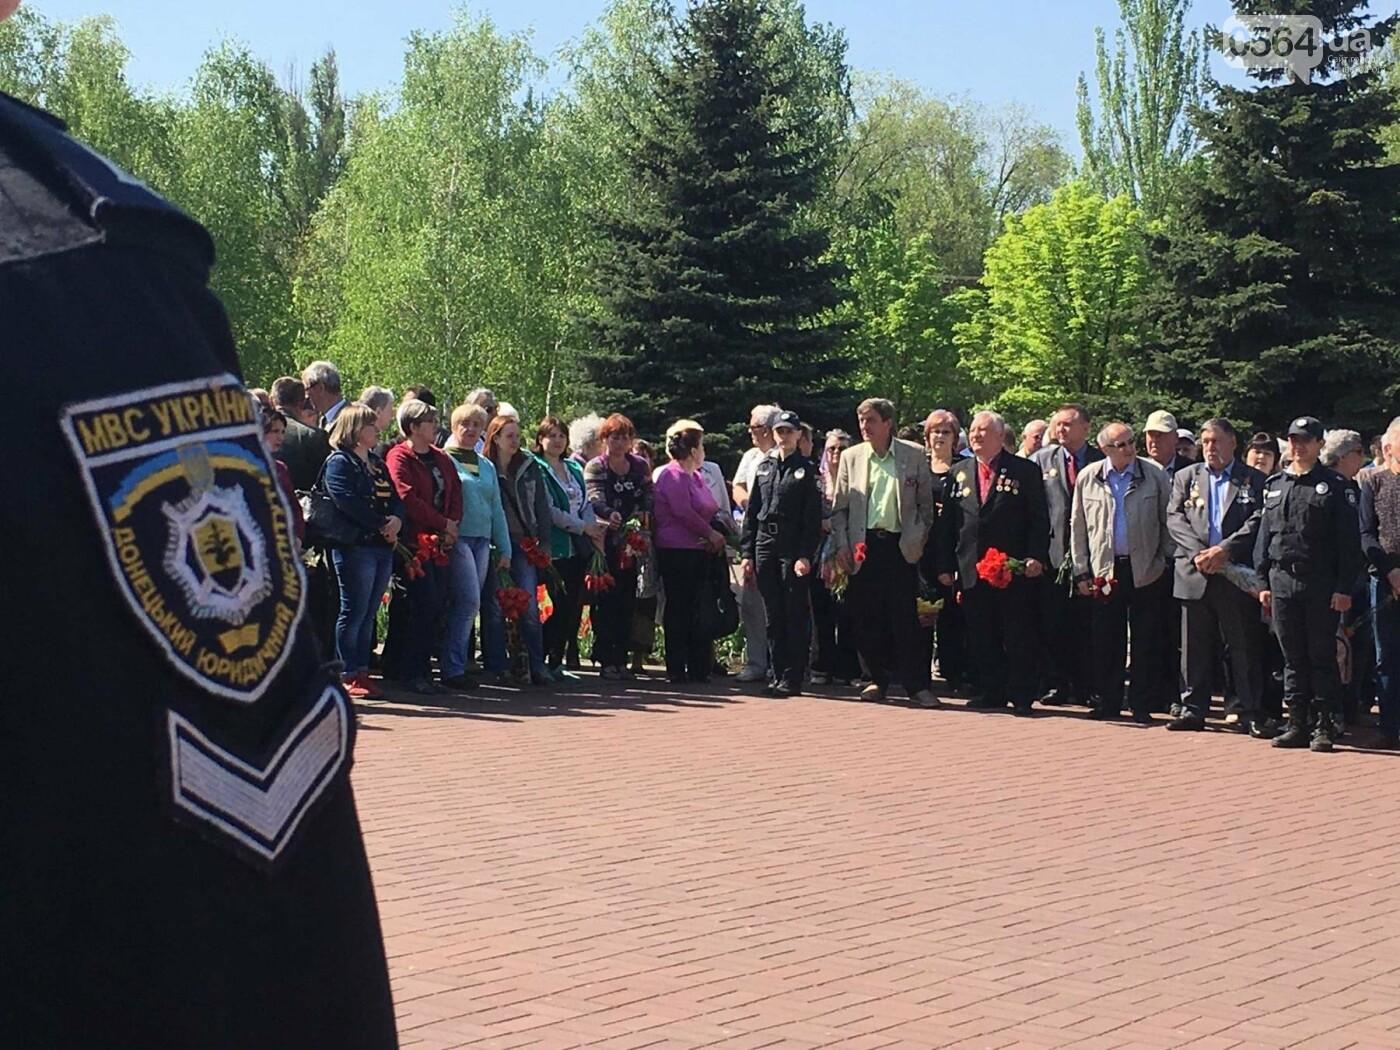 Чернобыльская катастрофа: В Кривом Роге прошел митинг-реквием в память о тех, кто пожертвовал собой во имя спасения сограждан (ФОТО, ВИДЕО), фото-10